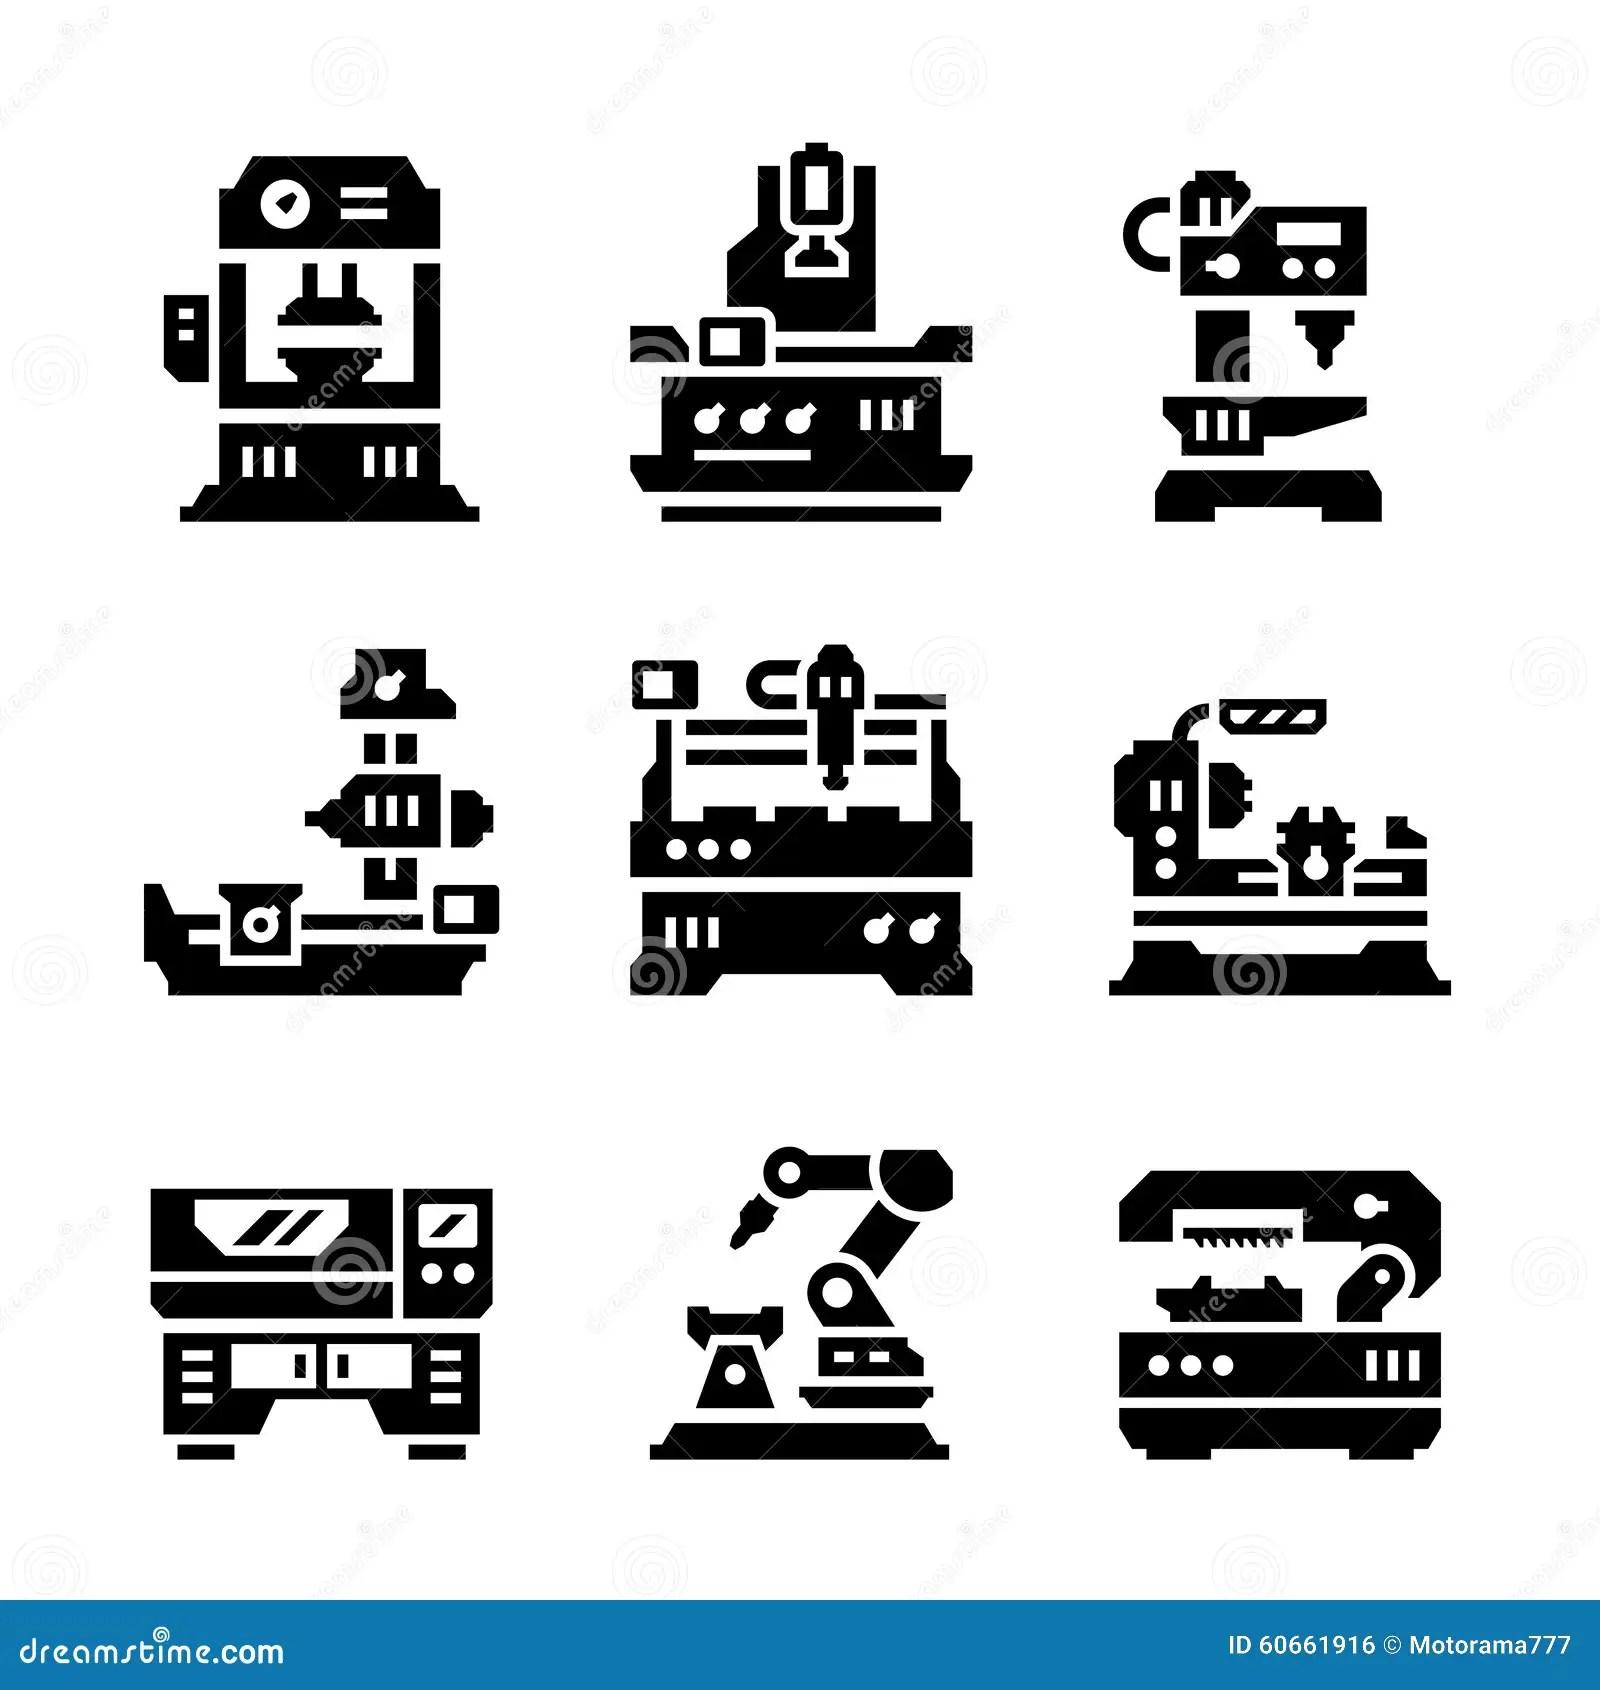 Placez Les Icones De La Machine Outil Illustration De